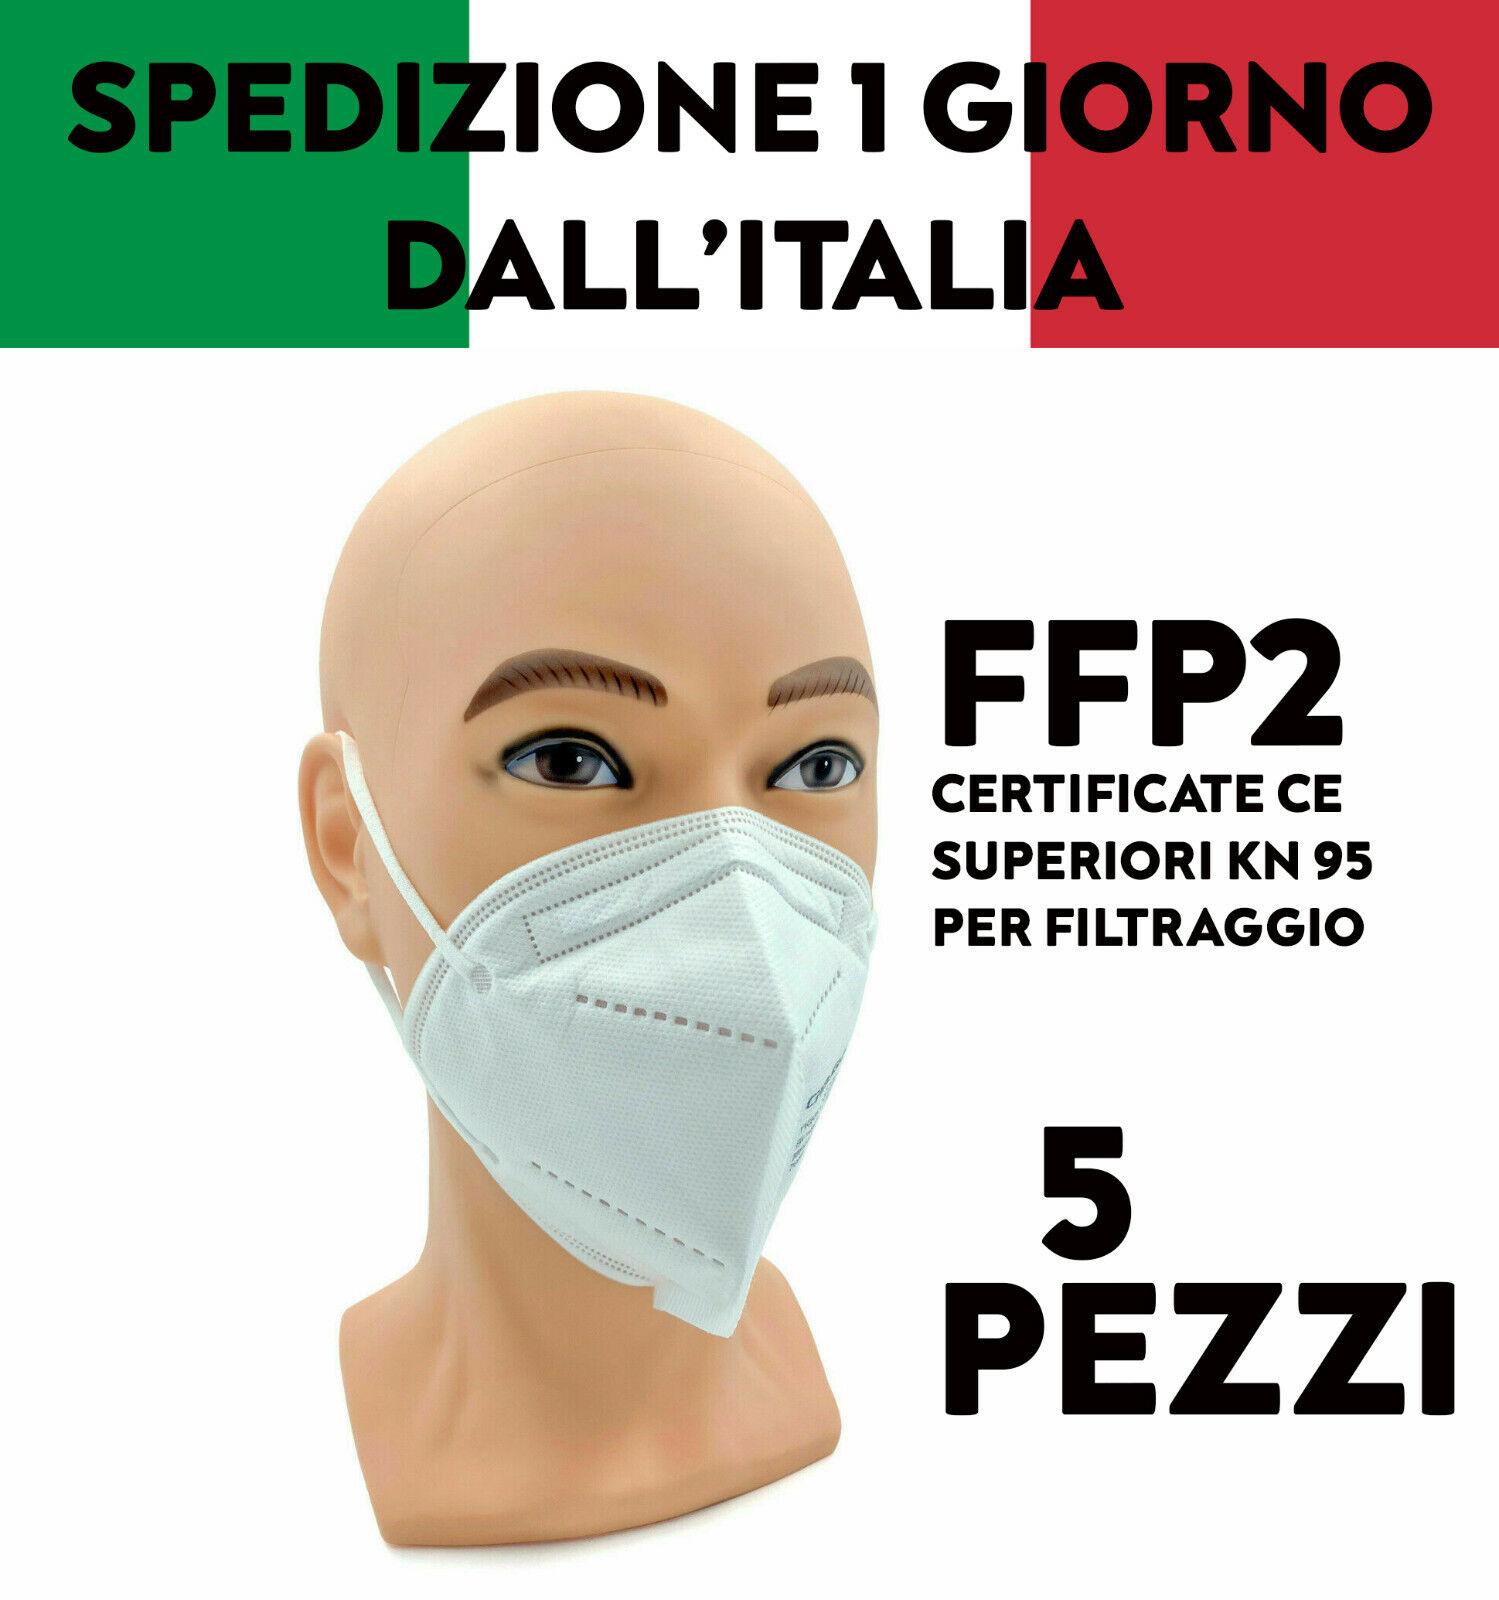 5 MASCHERINE FFP2 MASCHERE FACCIALI FILTRANTI CERTIFICATE CE PROTETTIVE MONOUSO